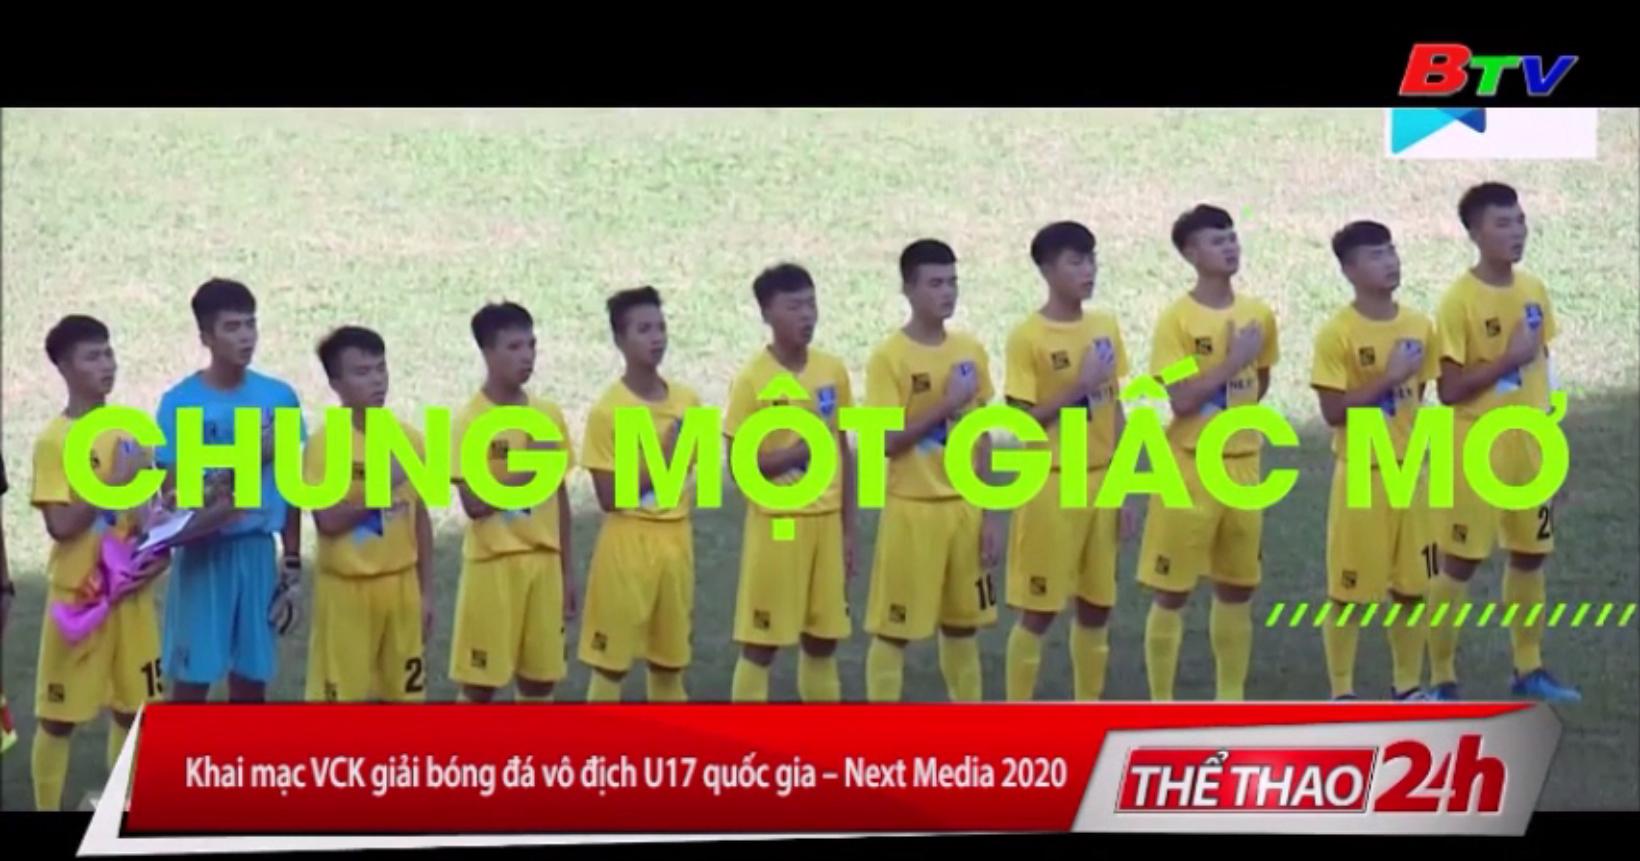 Khai mạc Vòng chung kết Giải bóng đá vô địch U17 Quốc gia - Next Media 2020